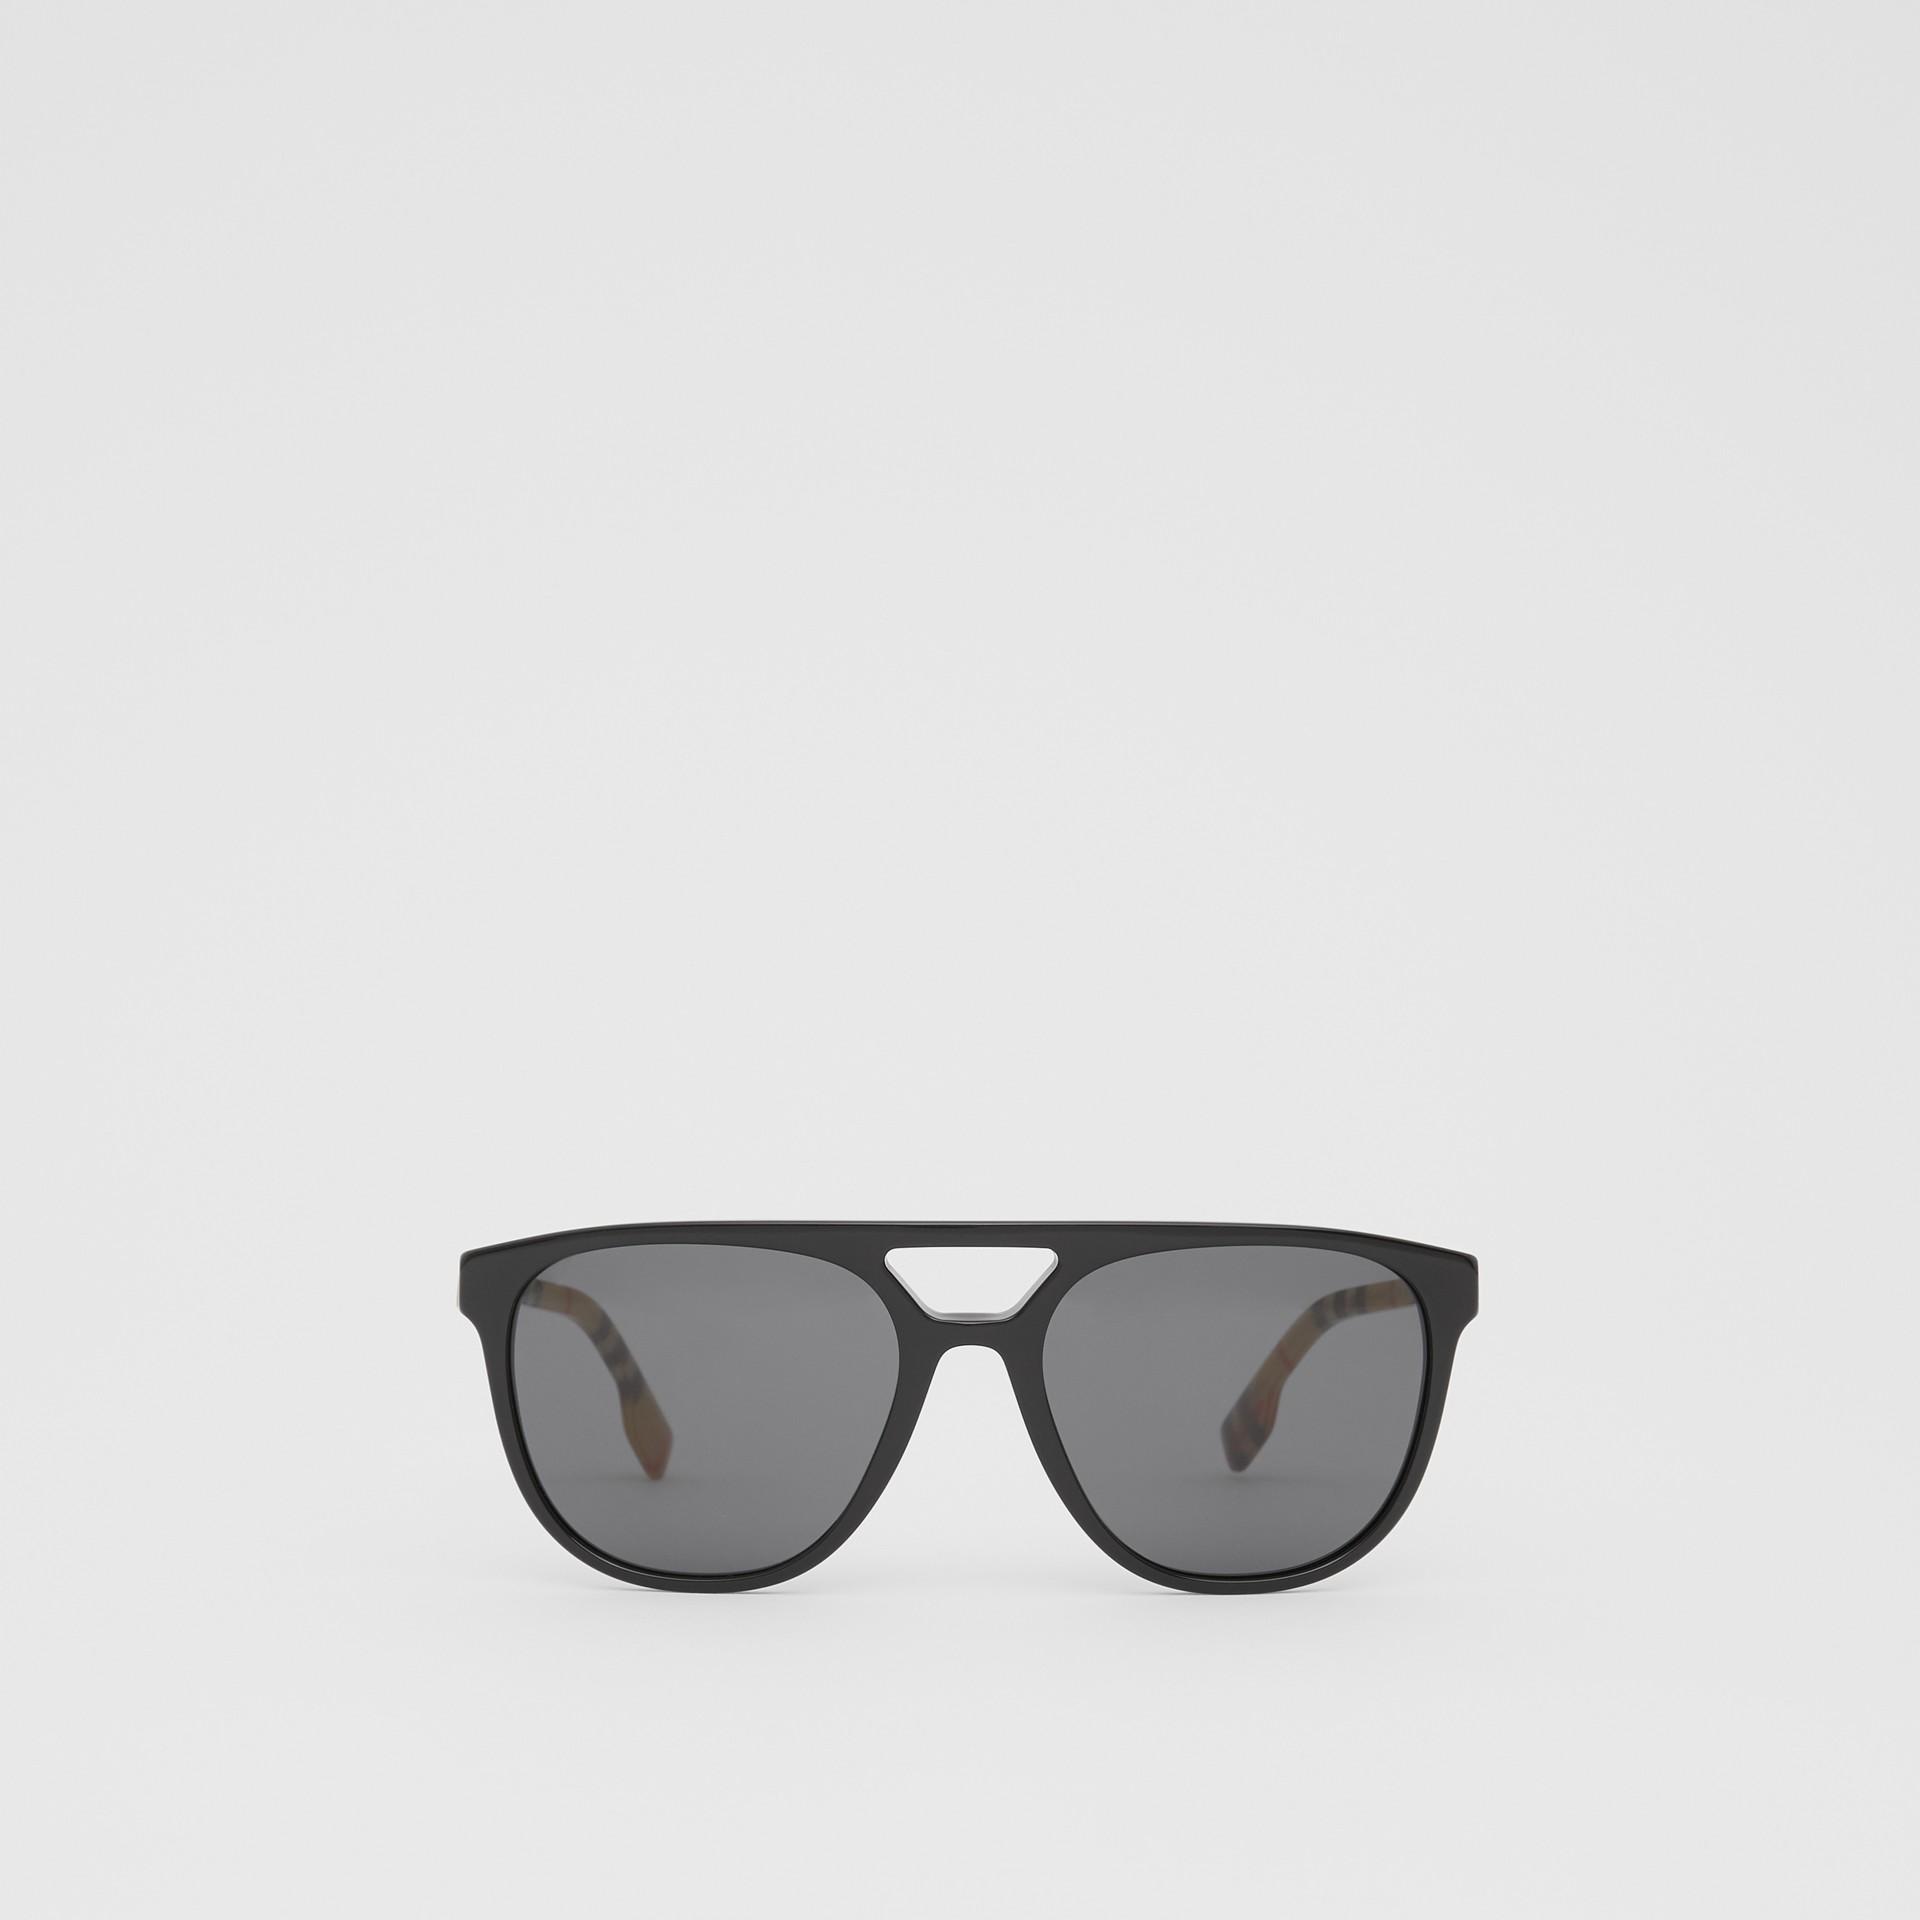 領航員太陽眼鏡 (黑色) - 男款 | Burberry - 圖庫照片 0